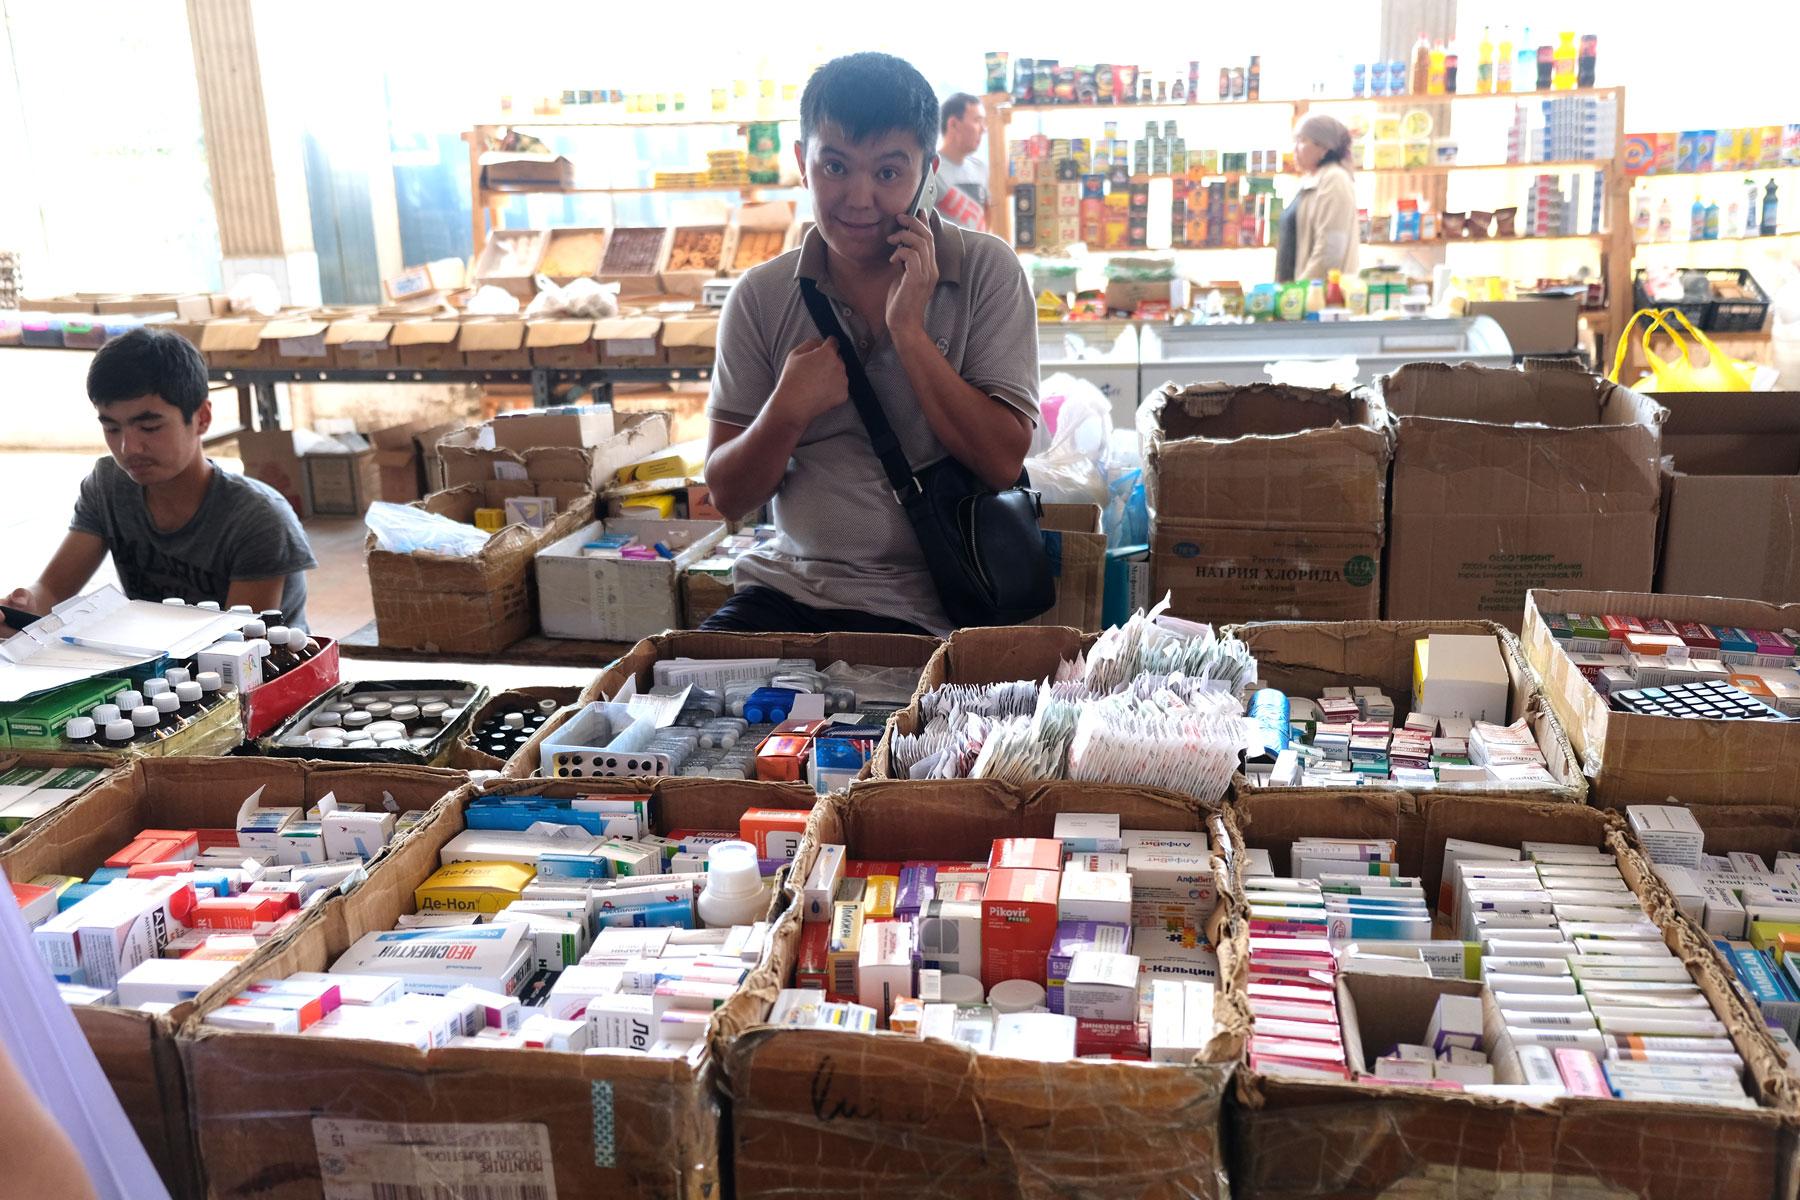 An einem Marktstand werden Medikamente verkauft.